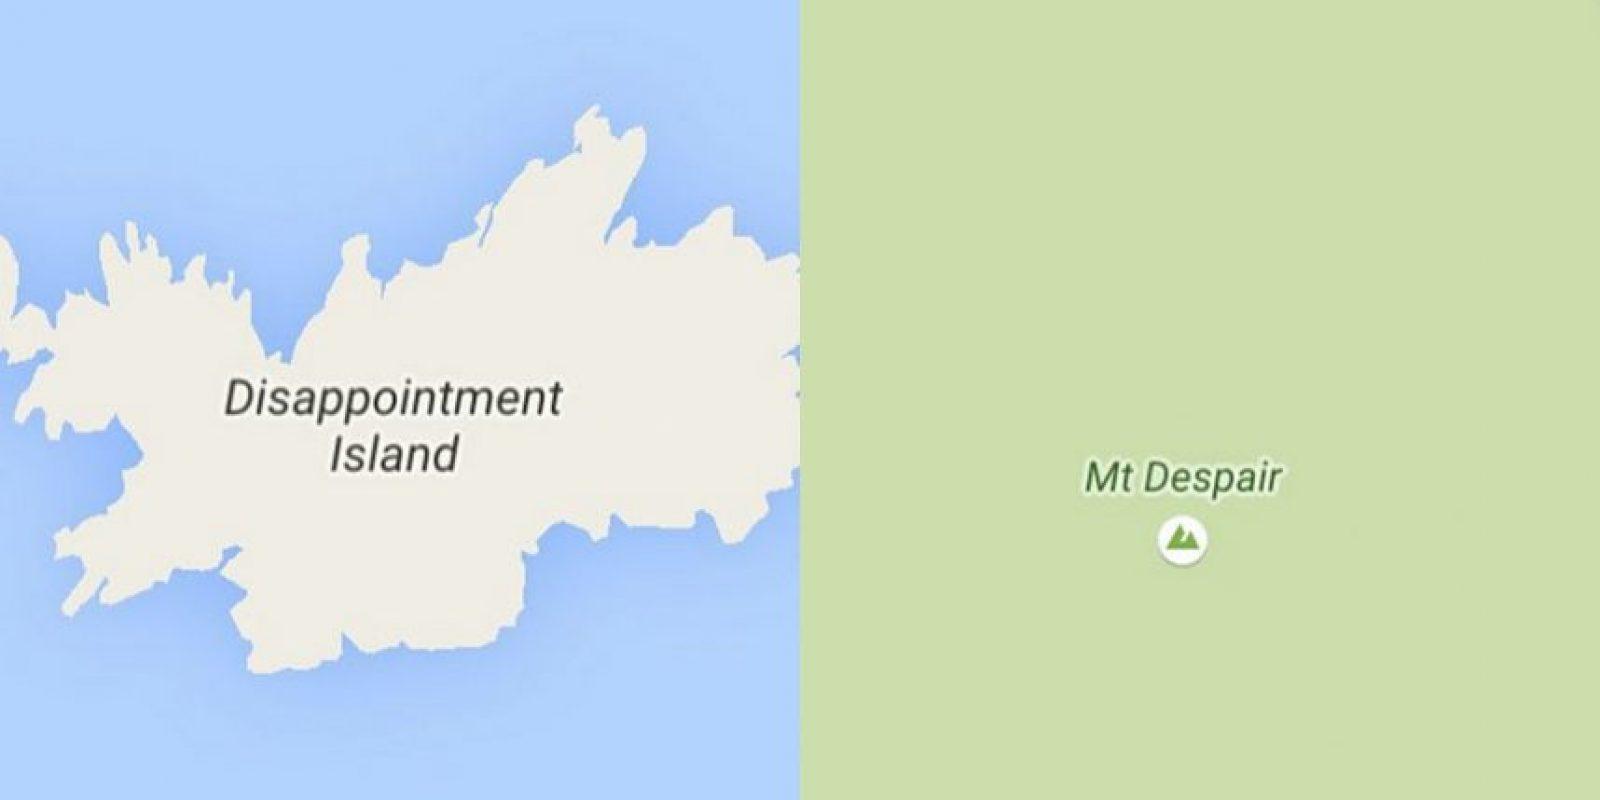 Disappointment Island (Auckland Islands, Nueva Zelanda) y Mt. Despair (Washington state, Estados Unidos). Foto:Vía Instagram @sadtopographies